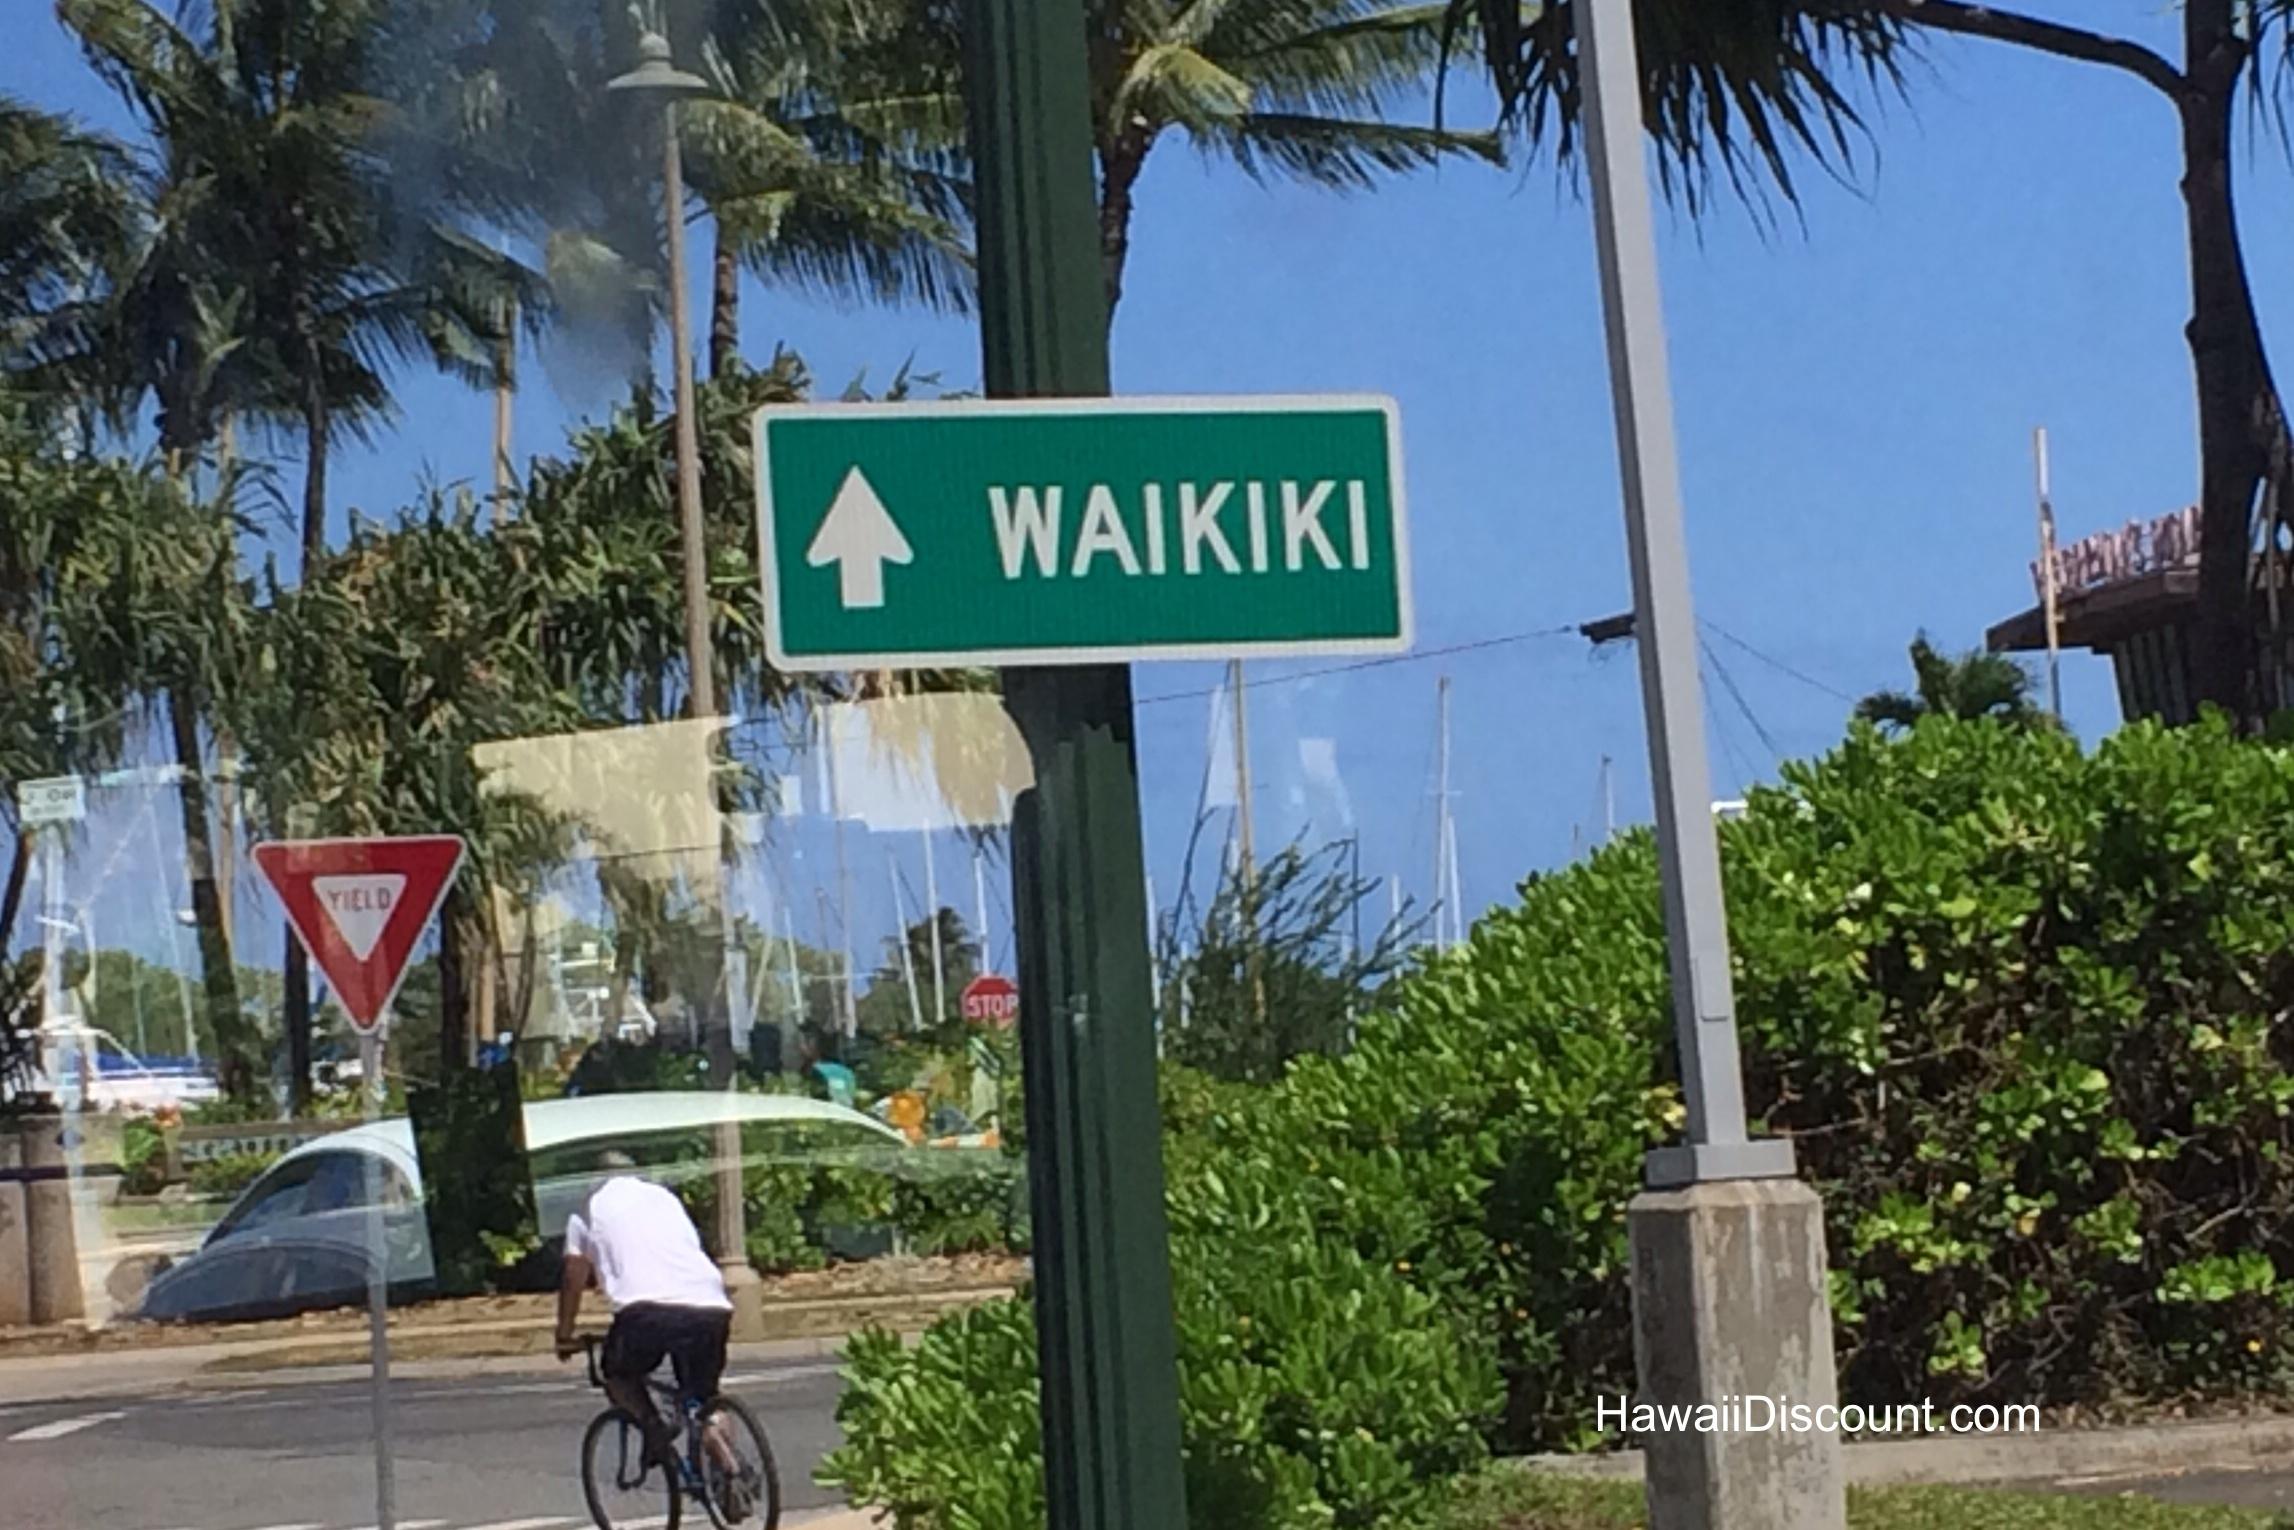 Airport Shuttle in Honolulu